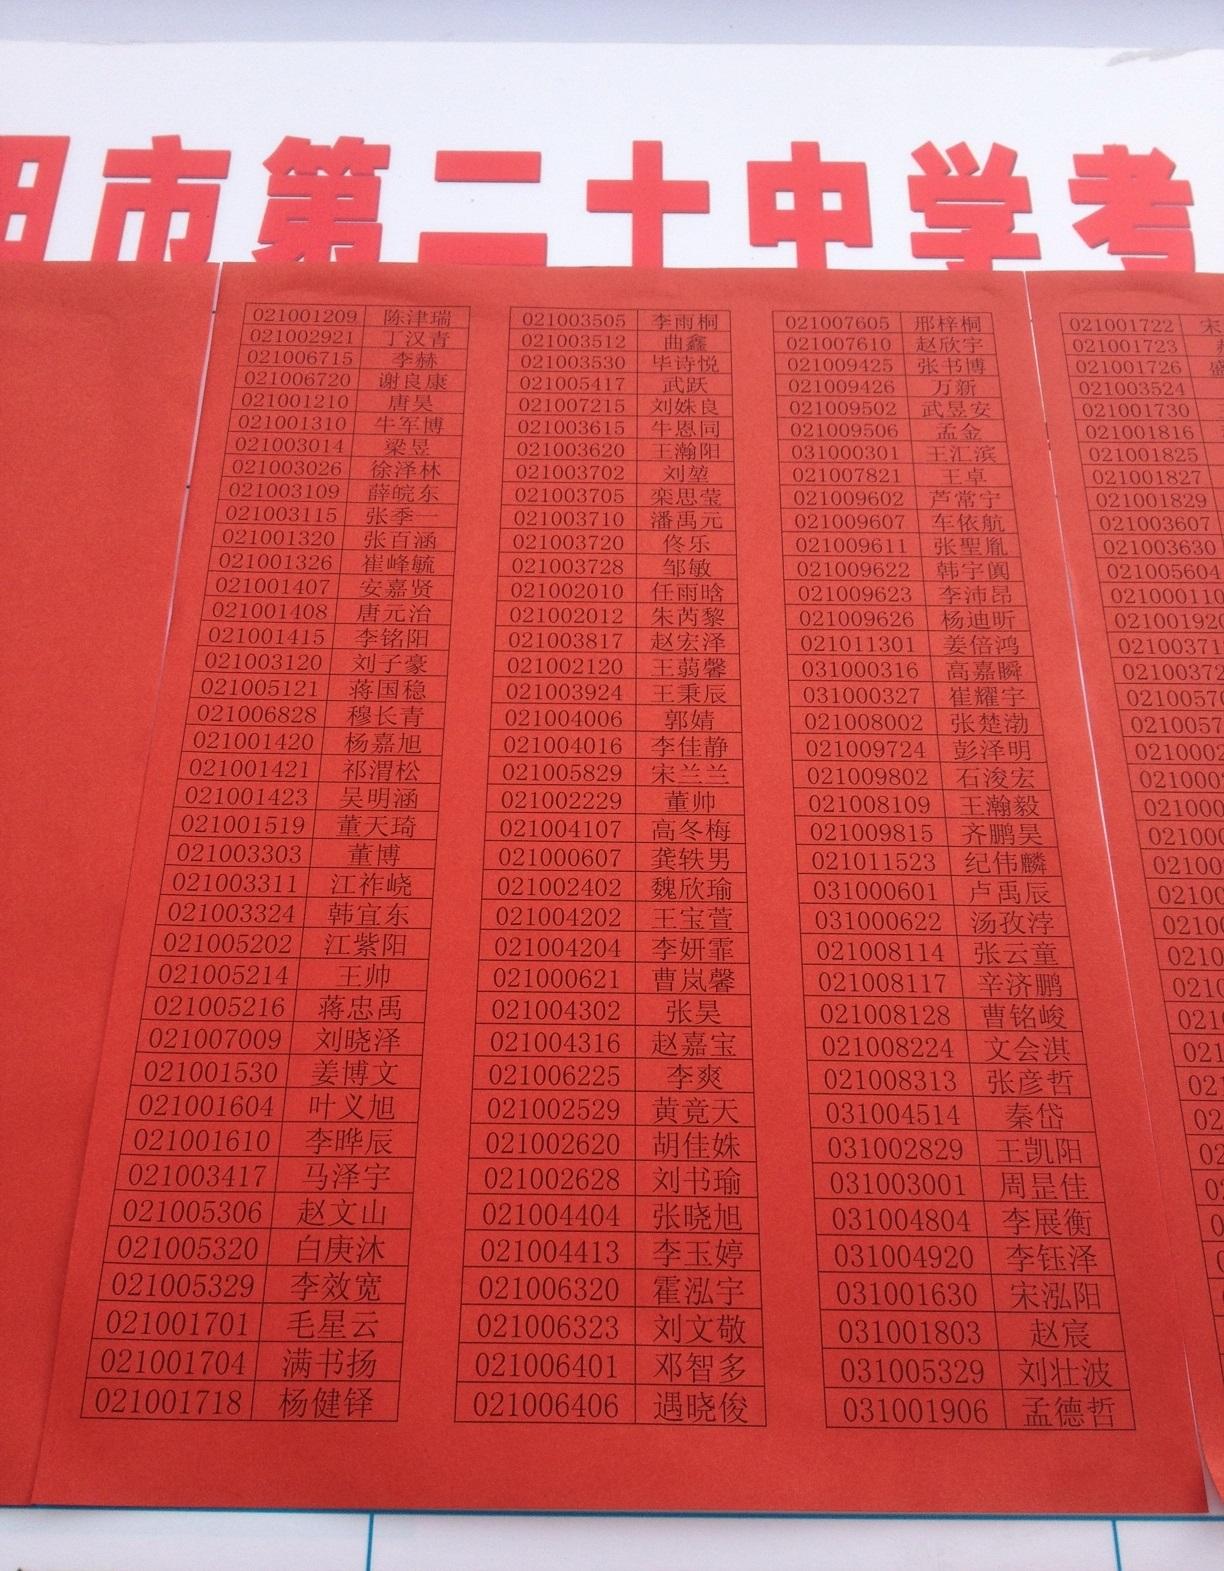 2013年沈阳中考沈阳市第二十中学录取学生名单